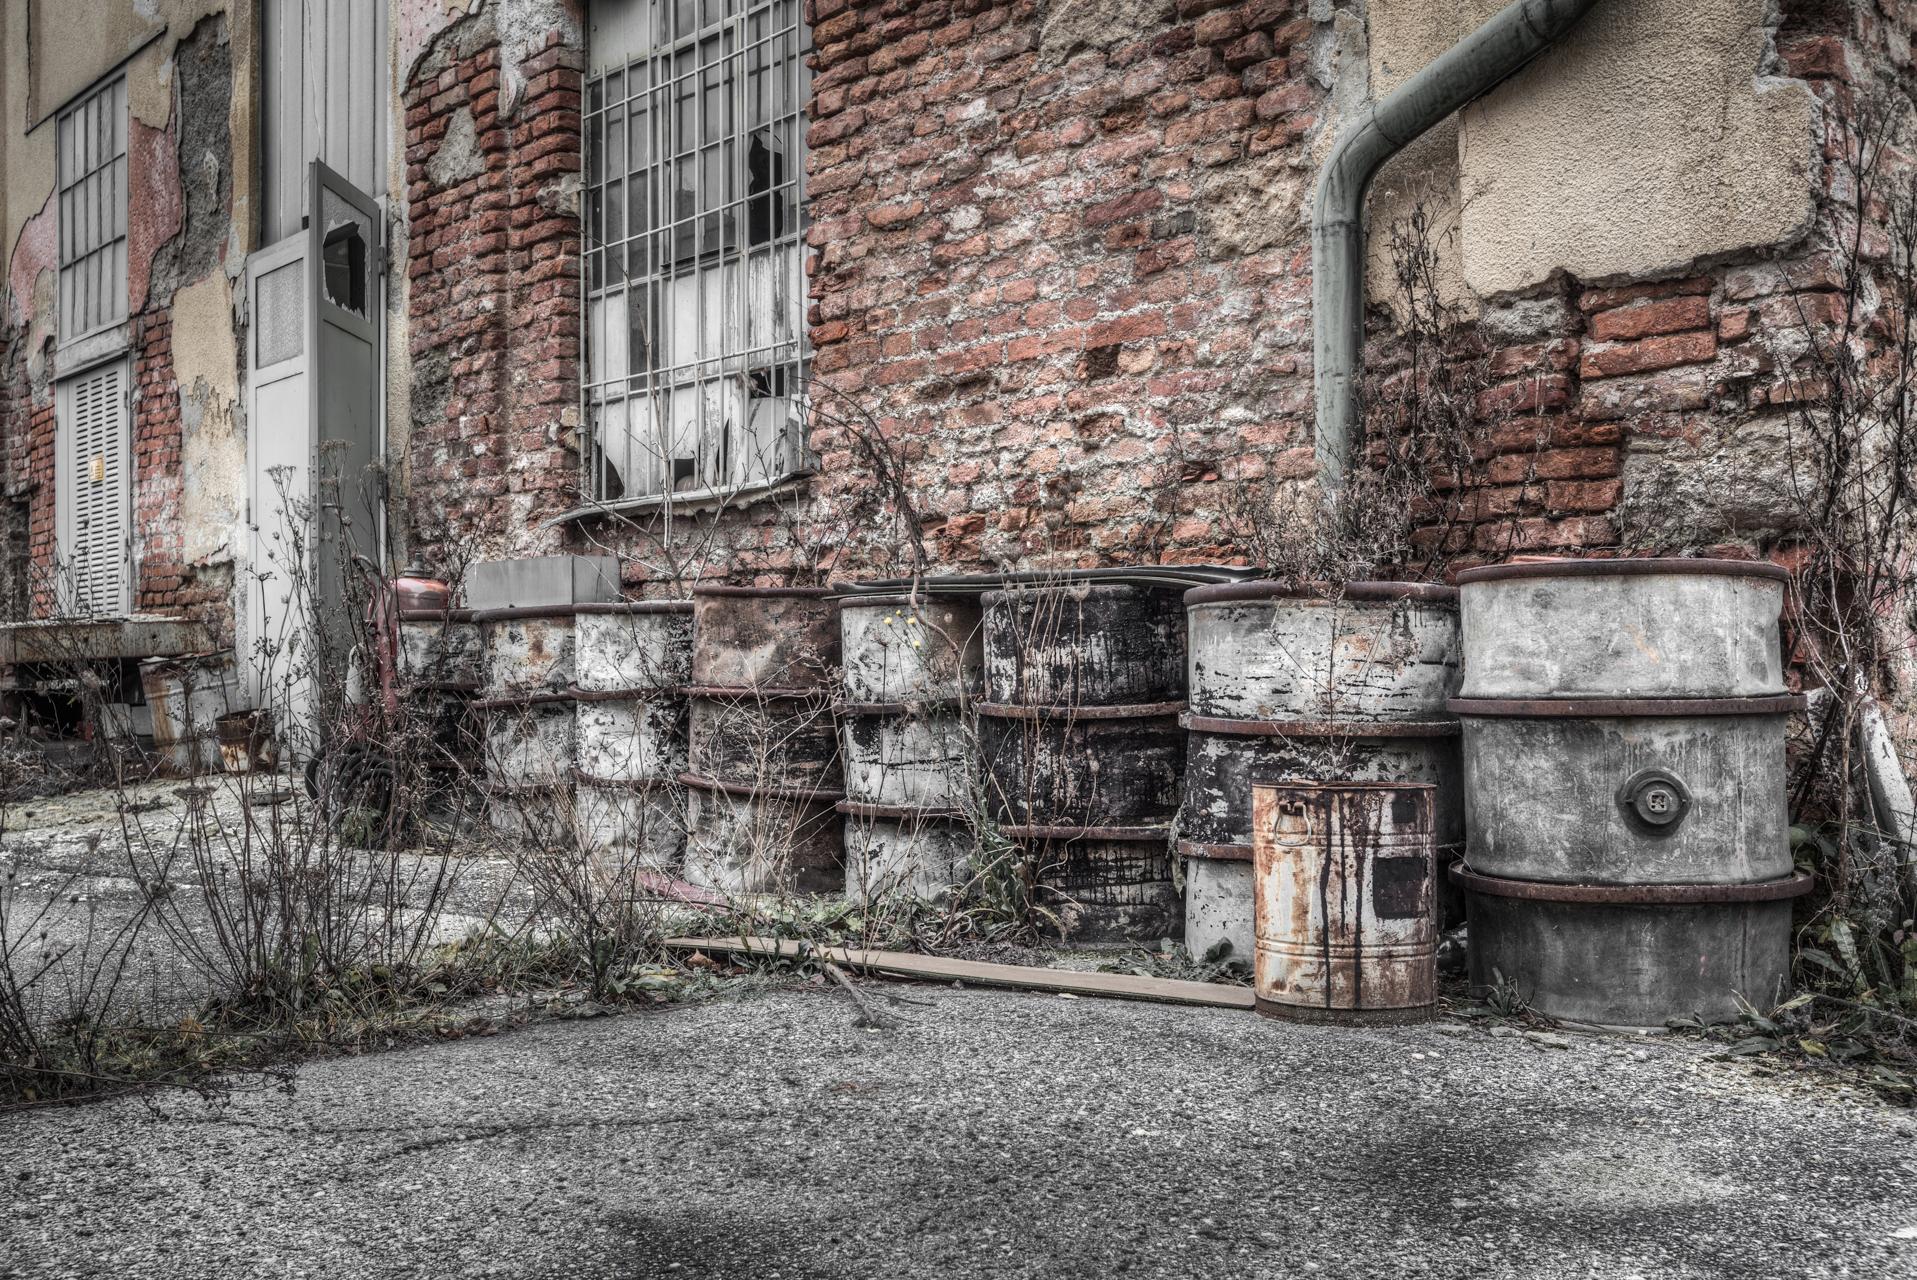 Urbex - Factory Watchtower - Barrel Gallery